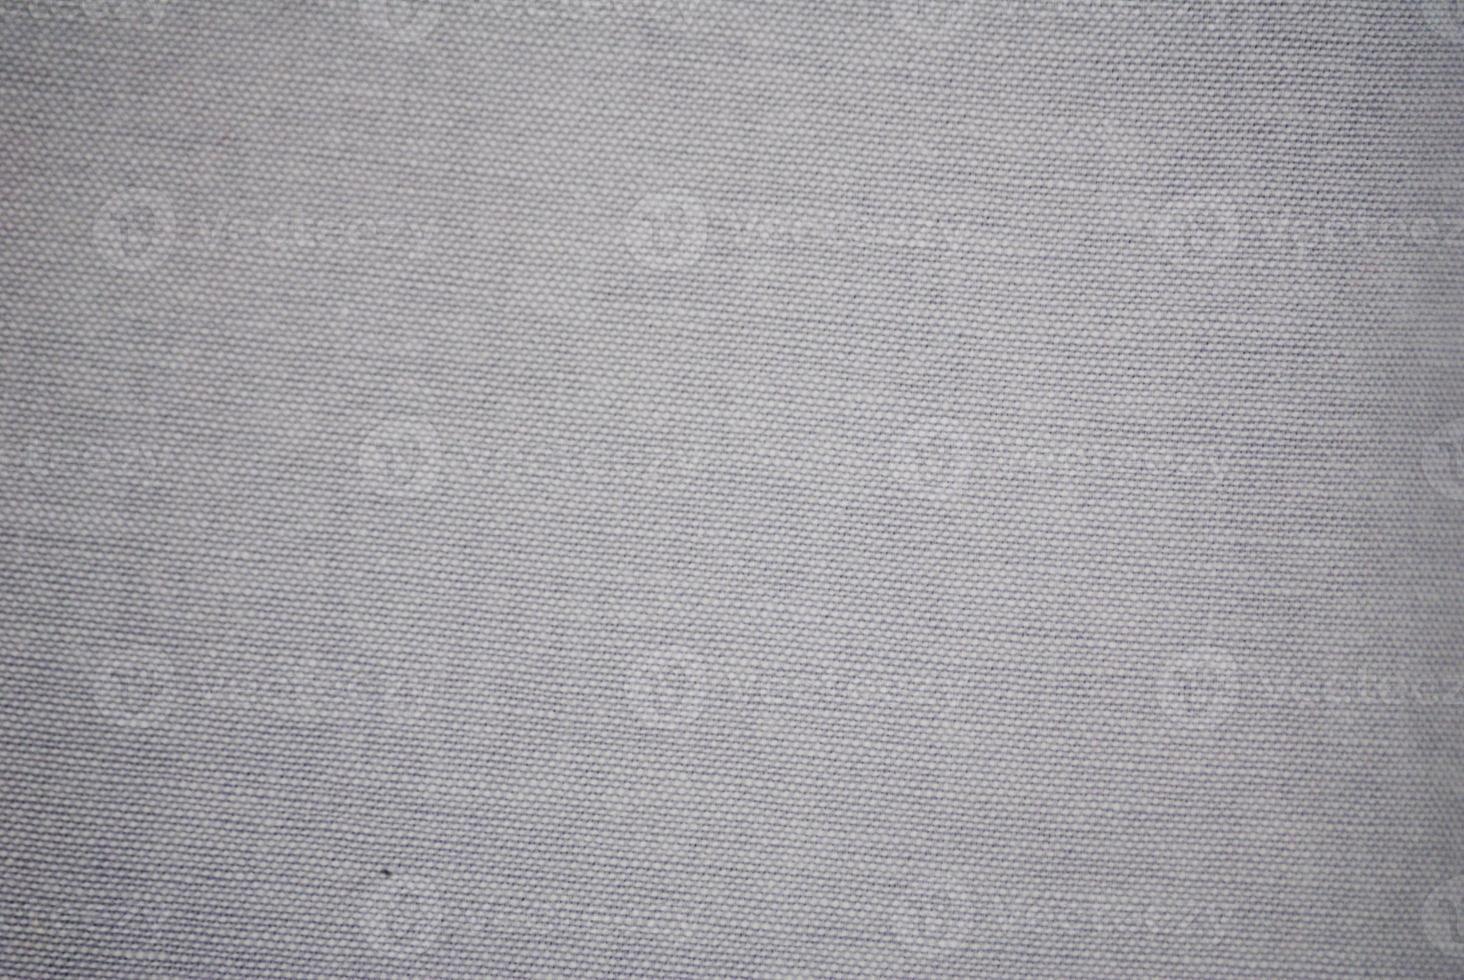 textura de la tela foto